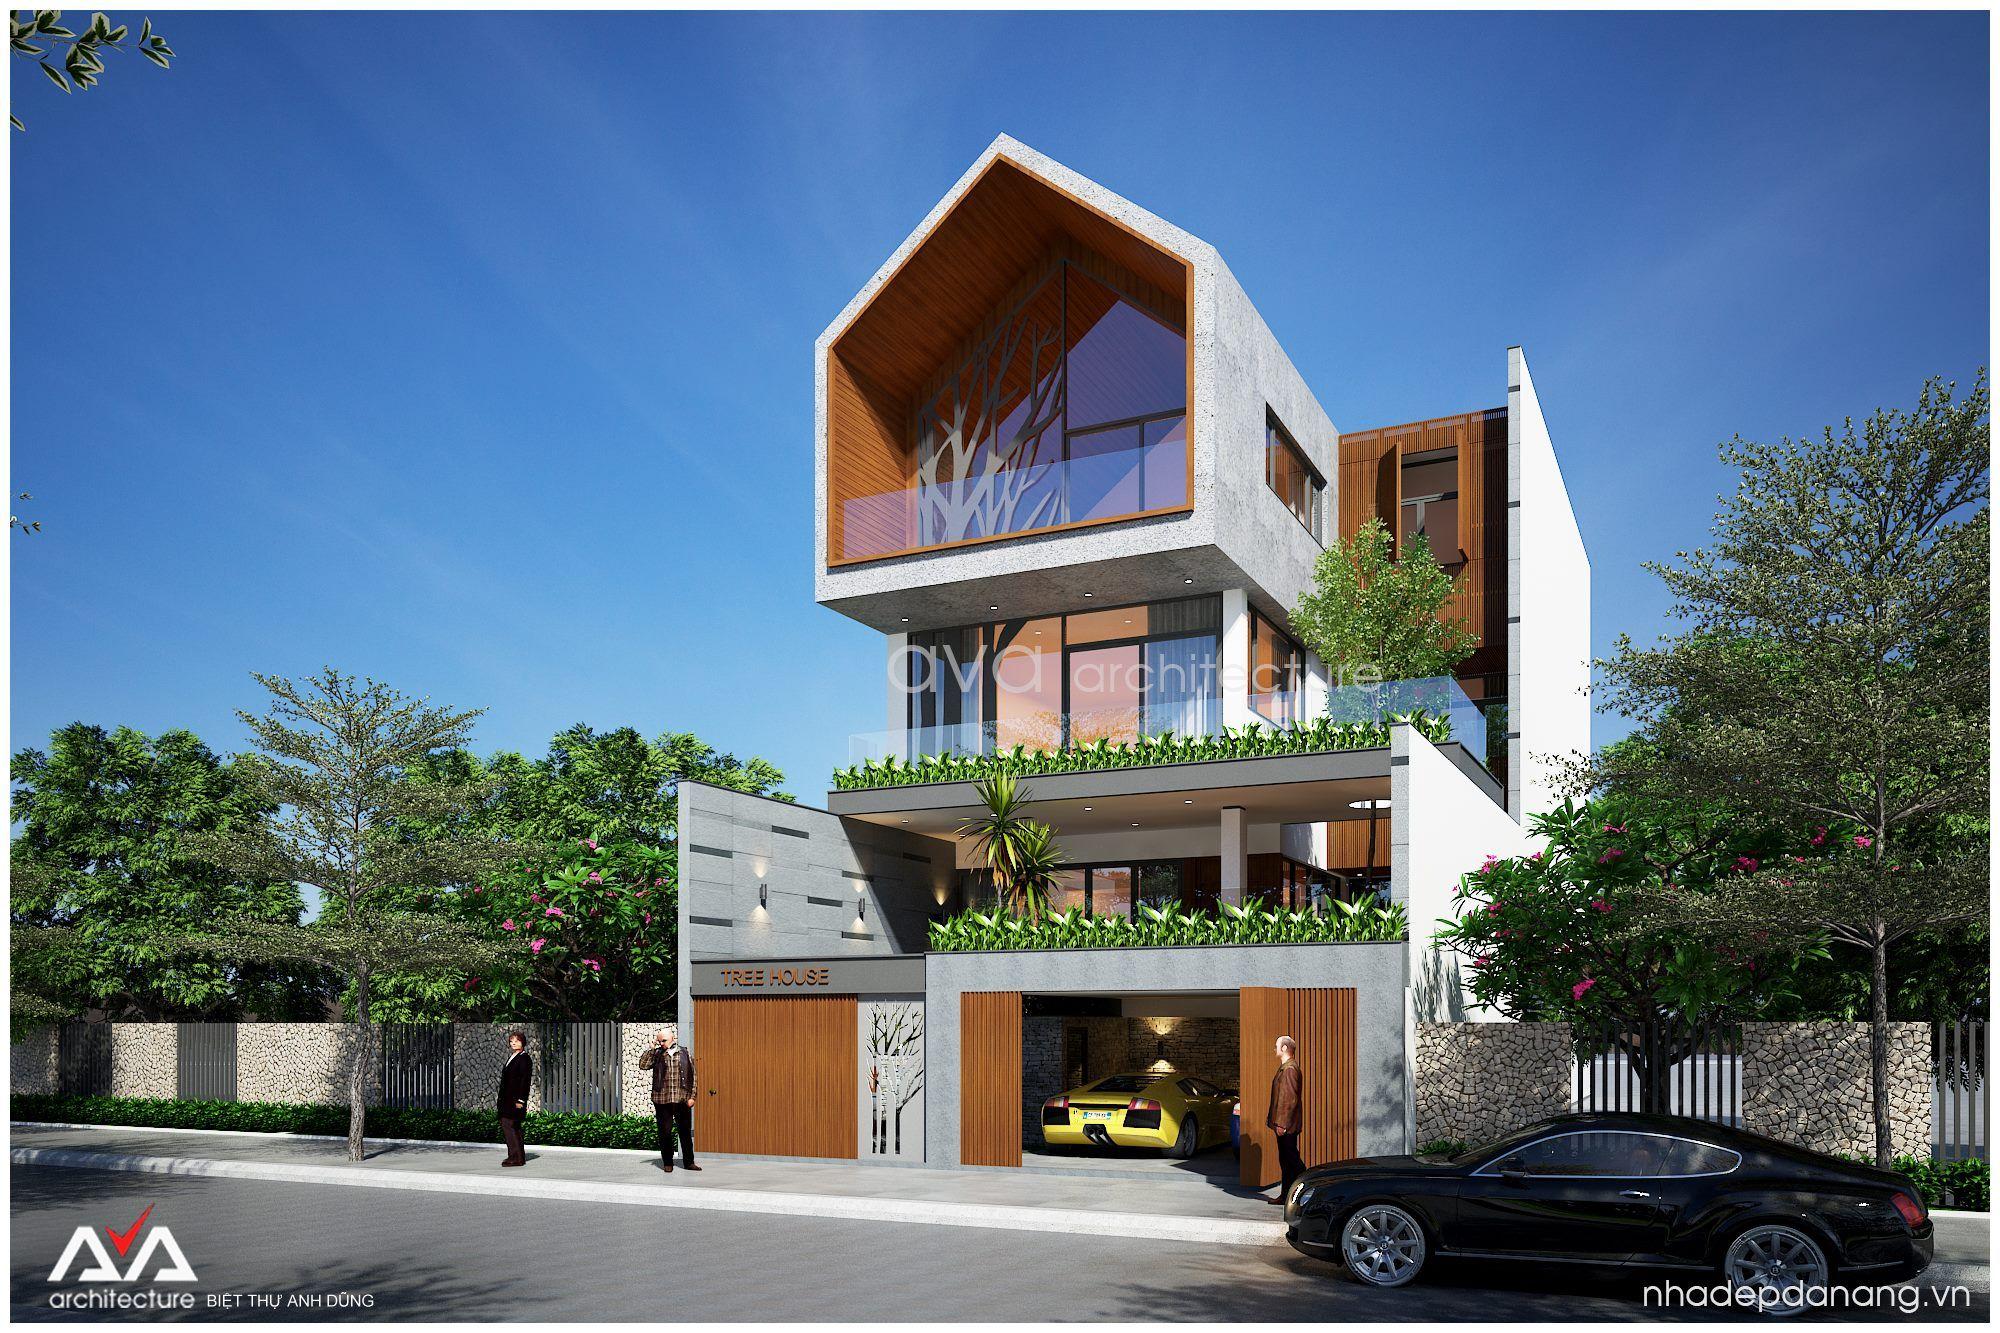 Pin von Arkitek Axis auf V.Renderings+ Modern Homes | Pinterest ...